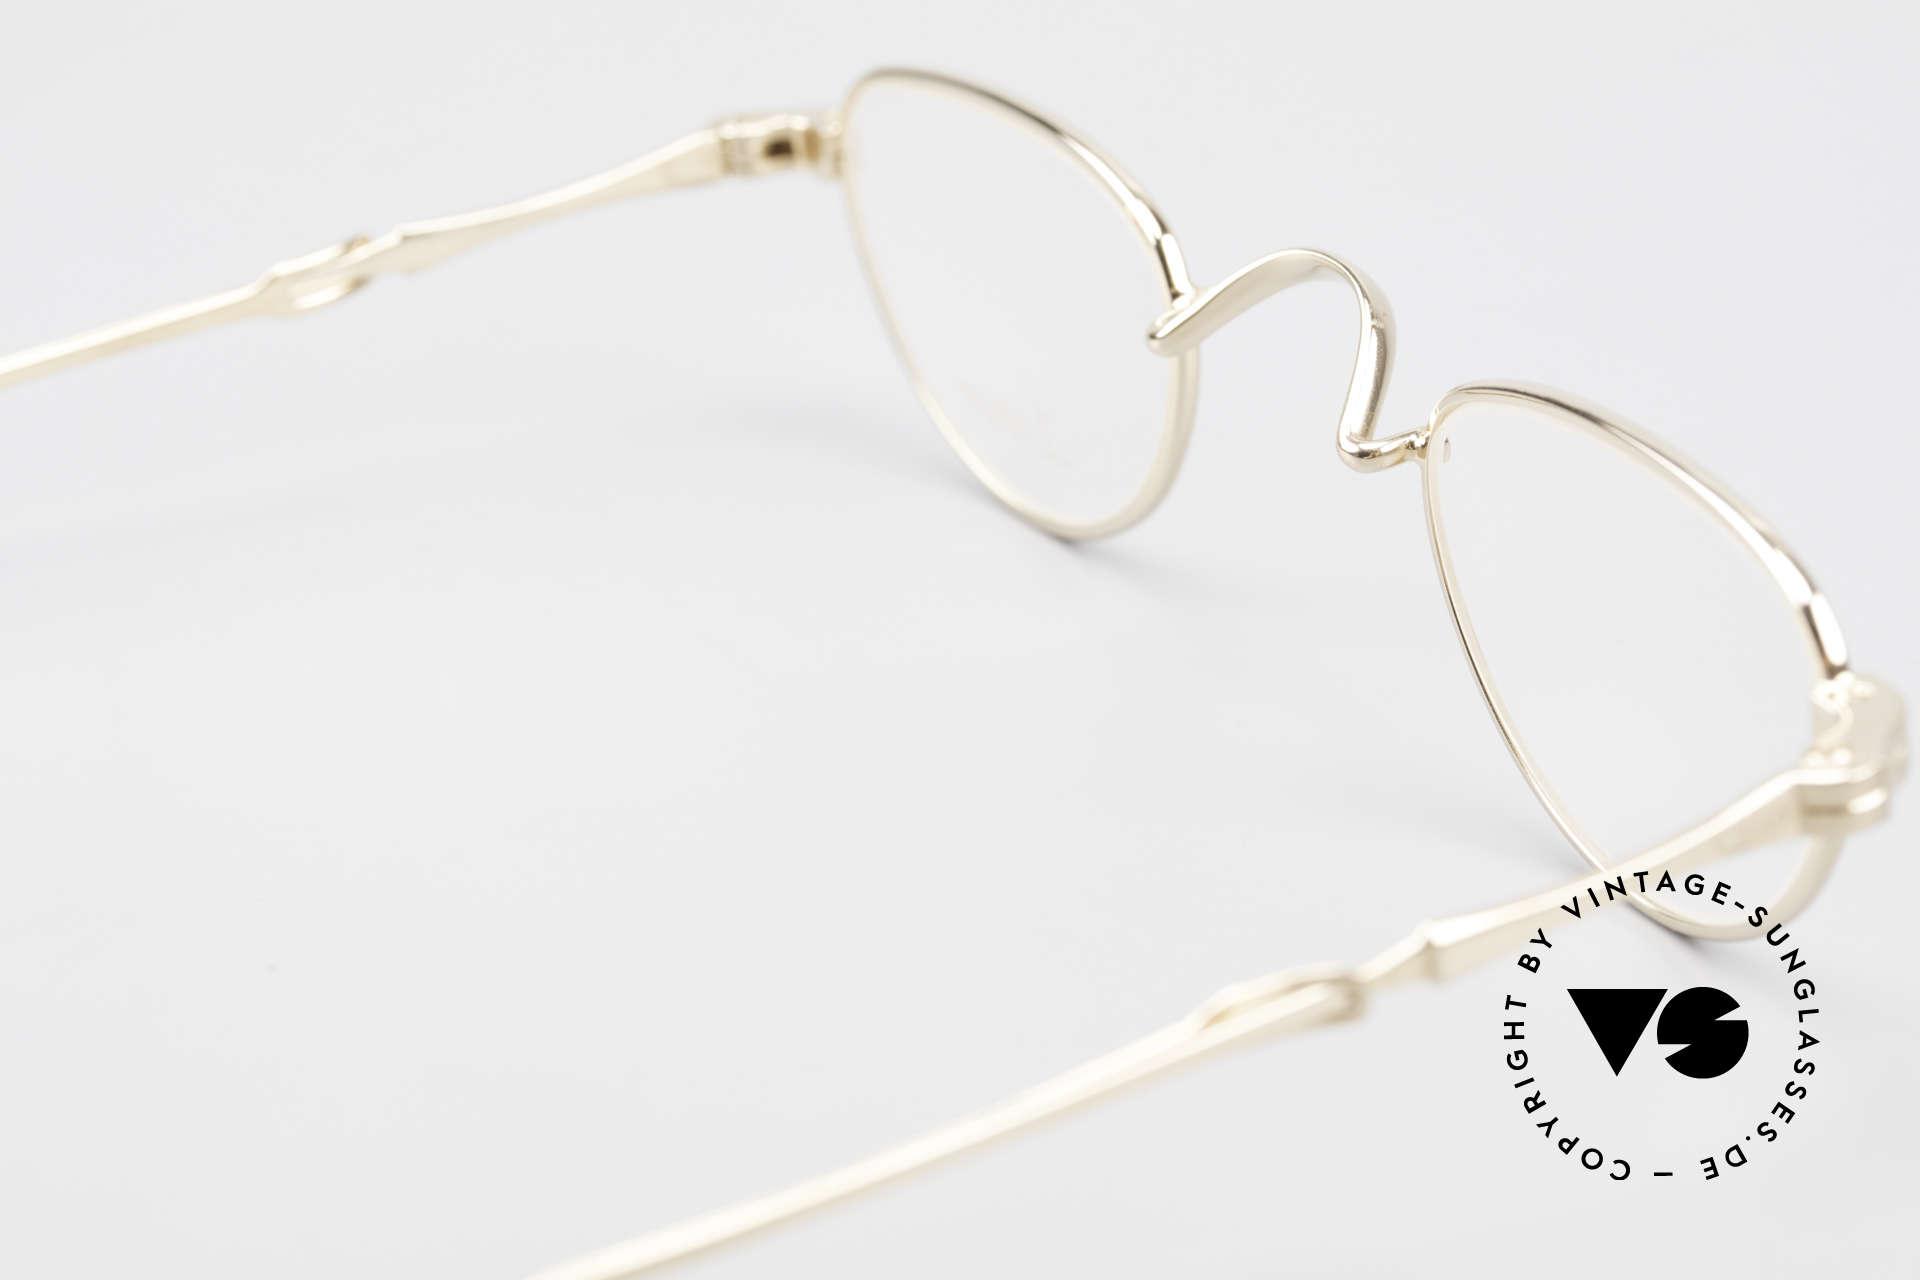 Lunor I 06 Telescopic Ausziehbare Brille Vergoldet, altes, ungetragenes LUNOR Einzelstück von ca. 1999, Passend für Herren und Damen